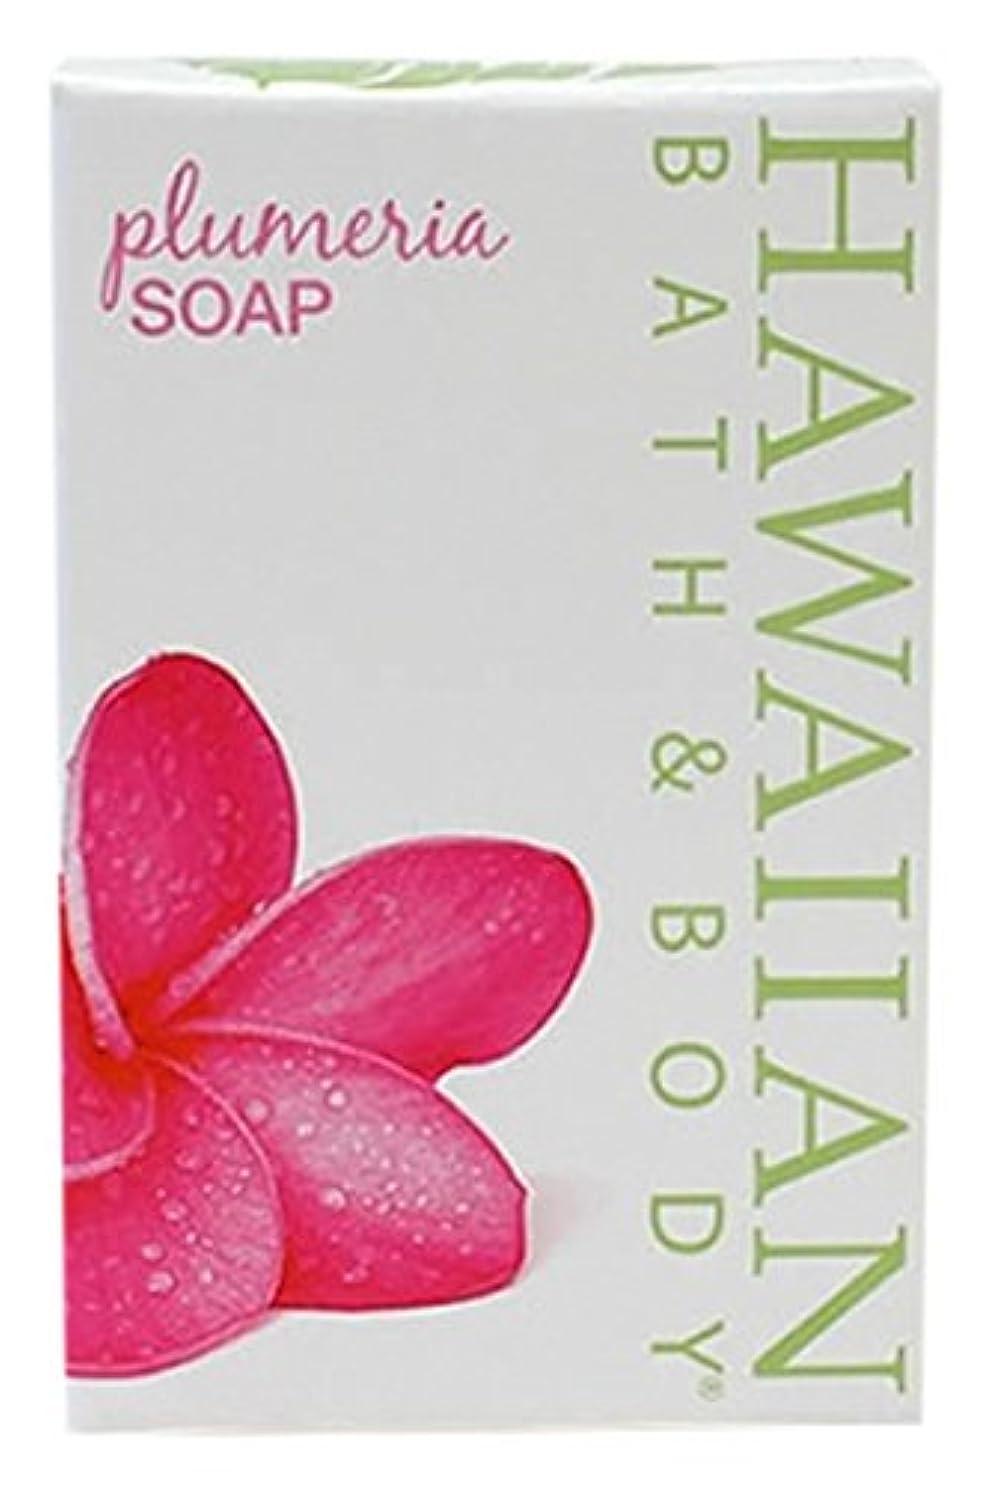 完璧な社会ベルトHAWAIIAN BATH & BODY SOAP プルメリア